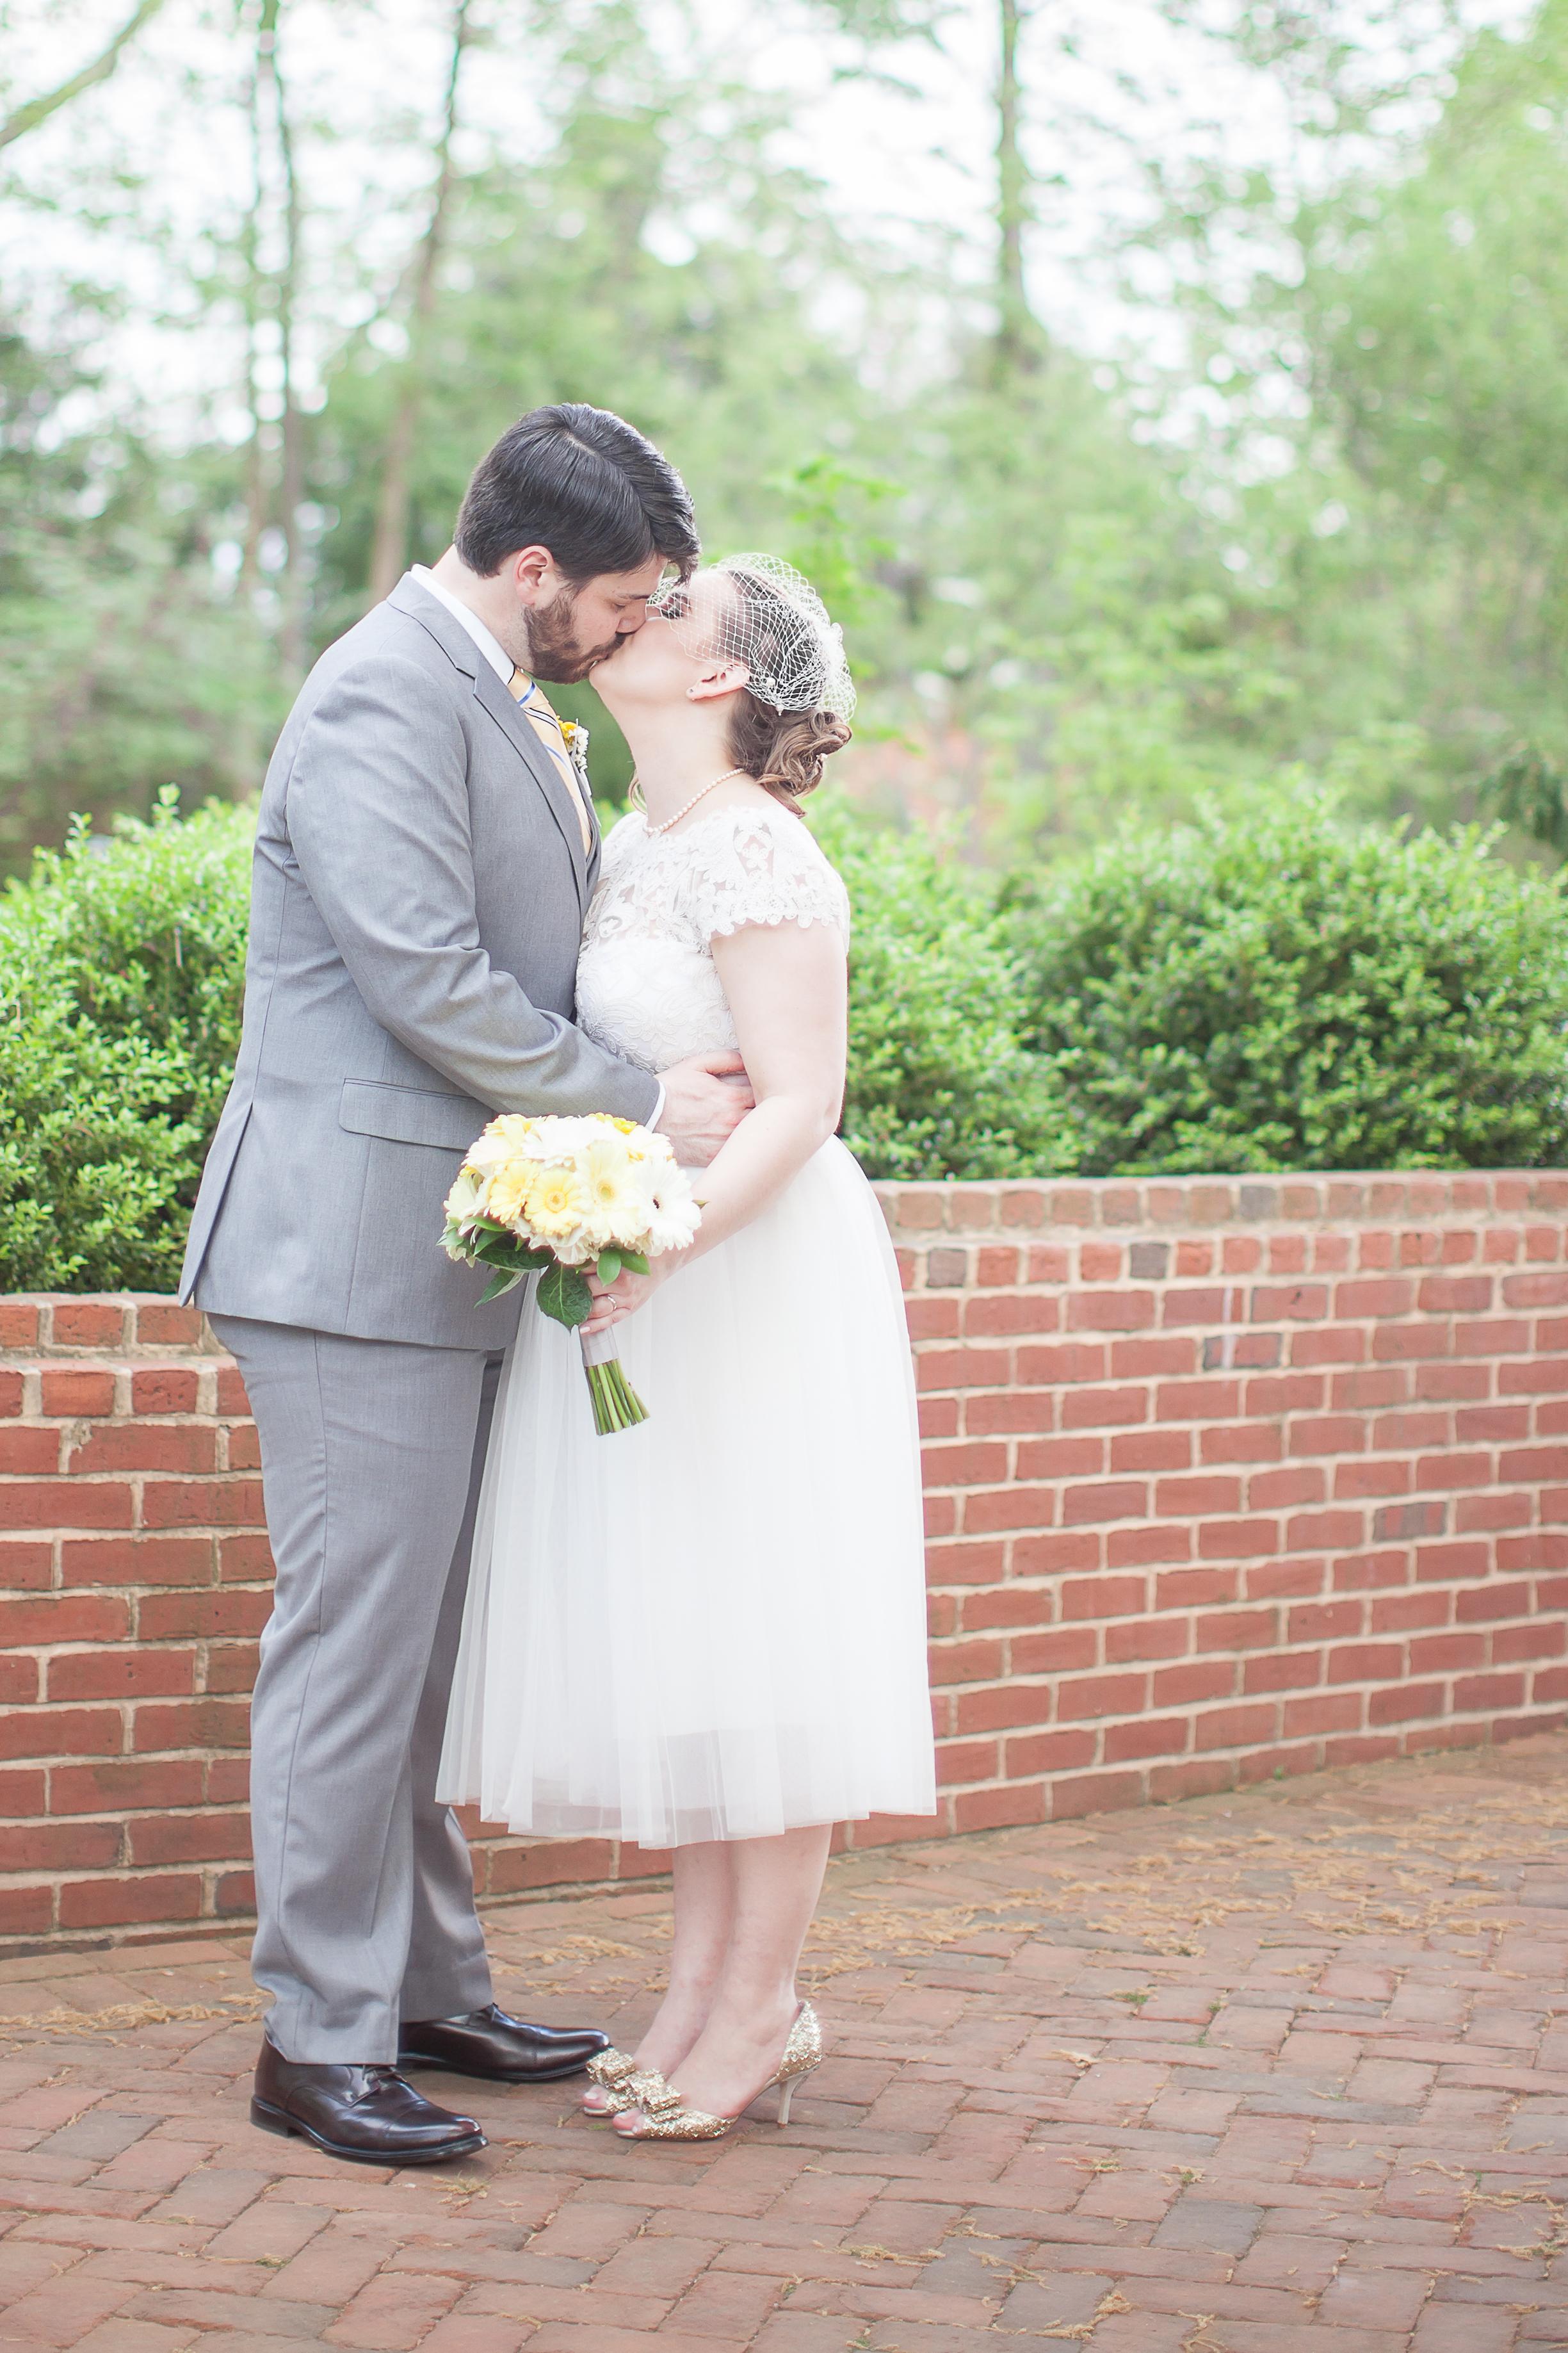 K-S-Wedding-Kim-Pham-Clark-Photography-303.jpg